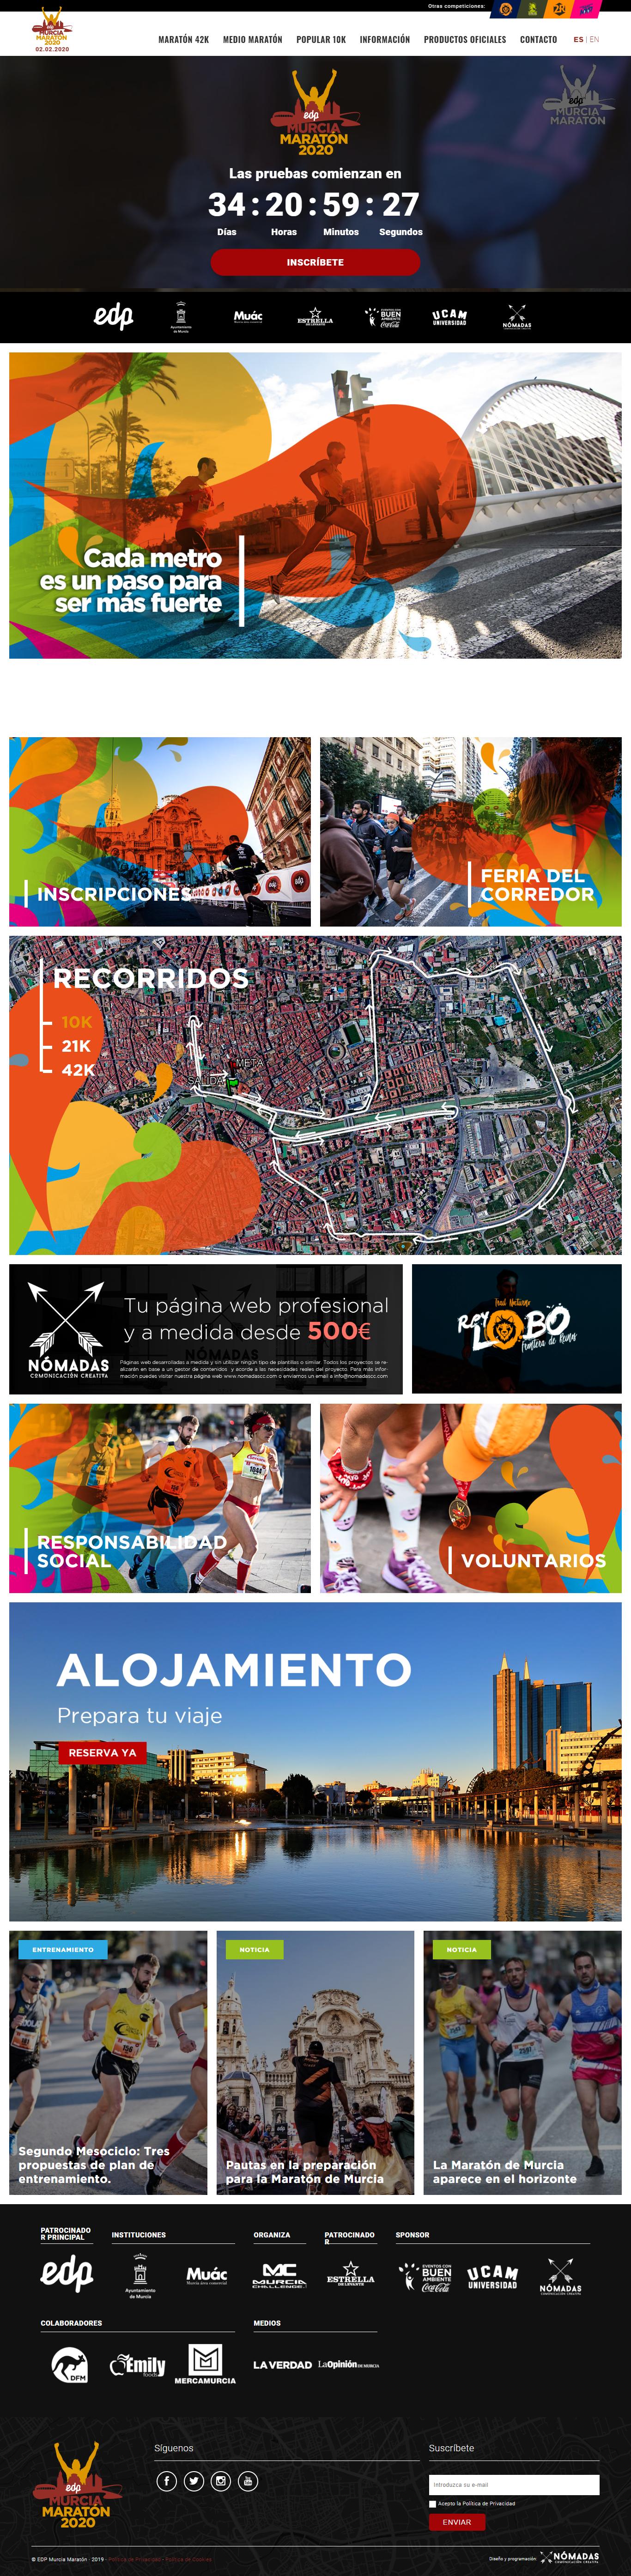 Patrocinio deportivo en Murcia. Desarrollo de página web a medida en Drupal en Murcia y Madrid. | Nómadas Comunicación Creativa.